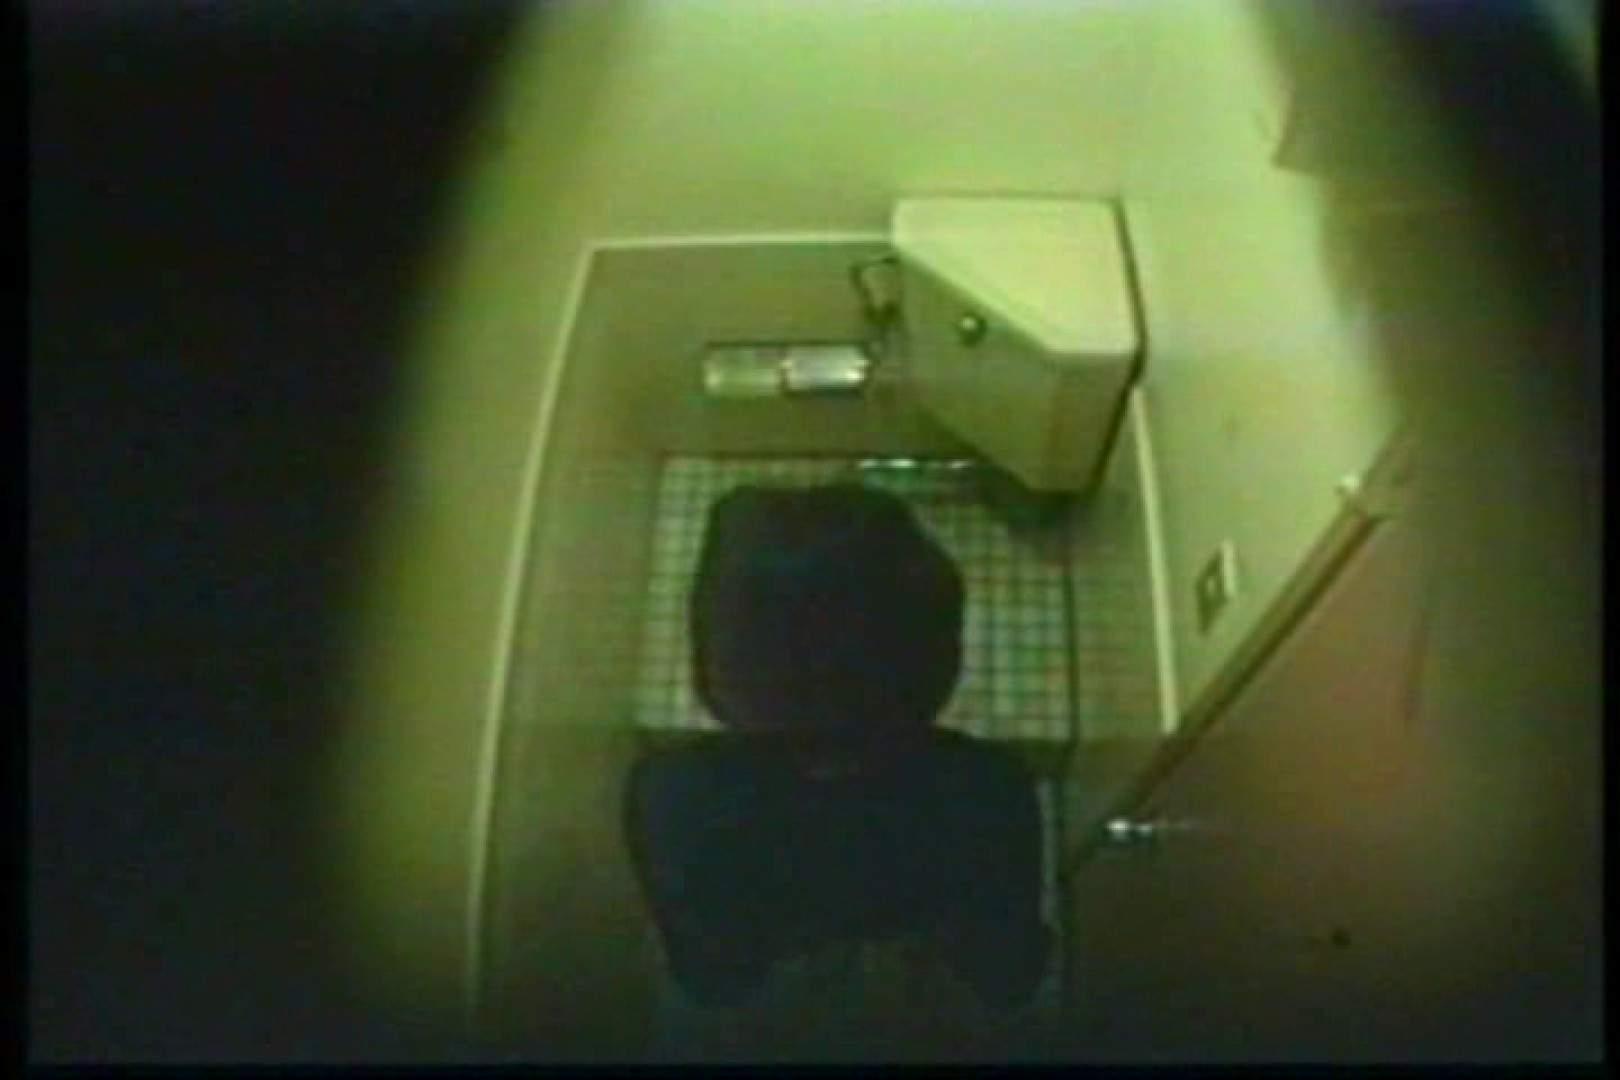 様式 和式 ところかまわず、厠覗き! 和式 ぱこり動画紹介 83PIX 59